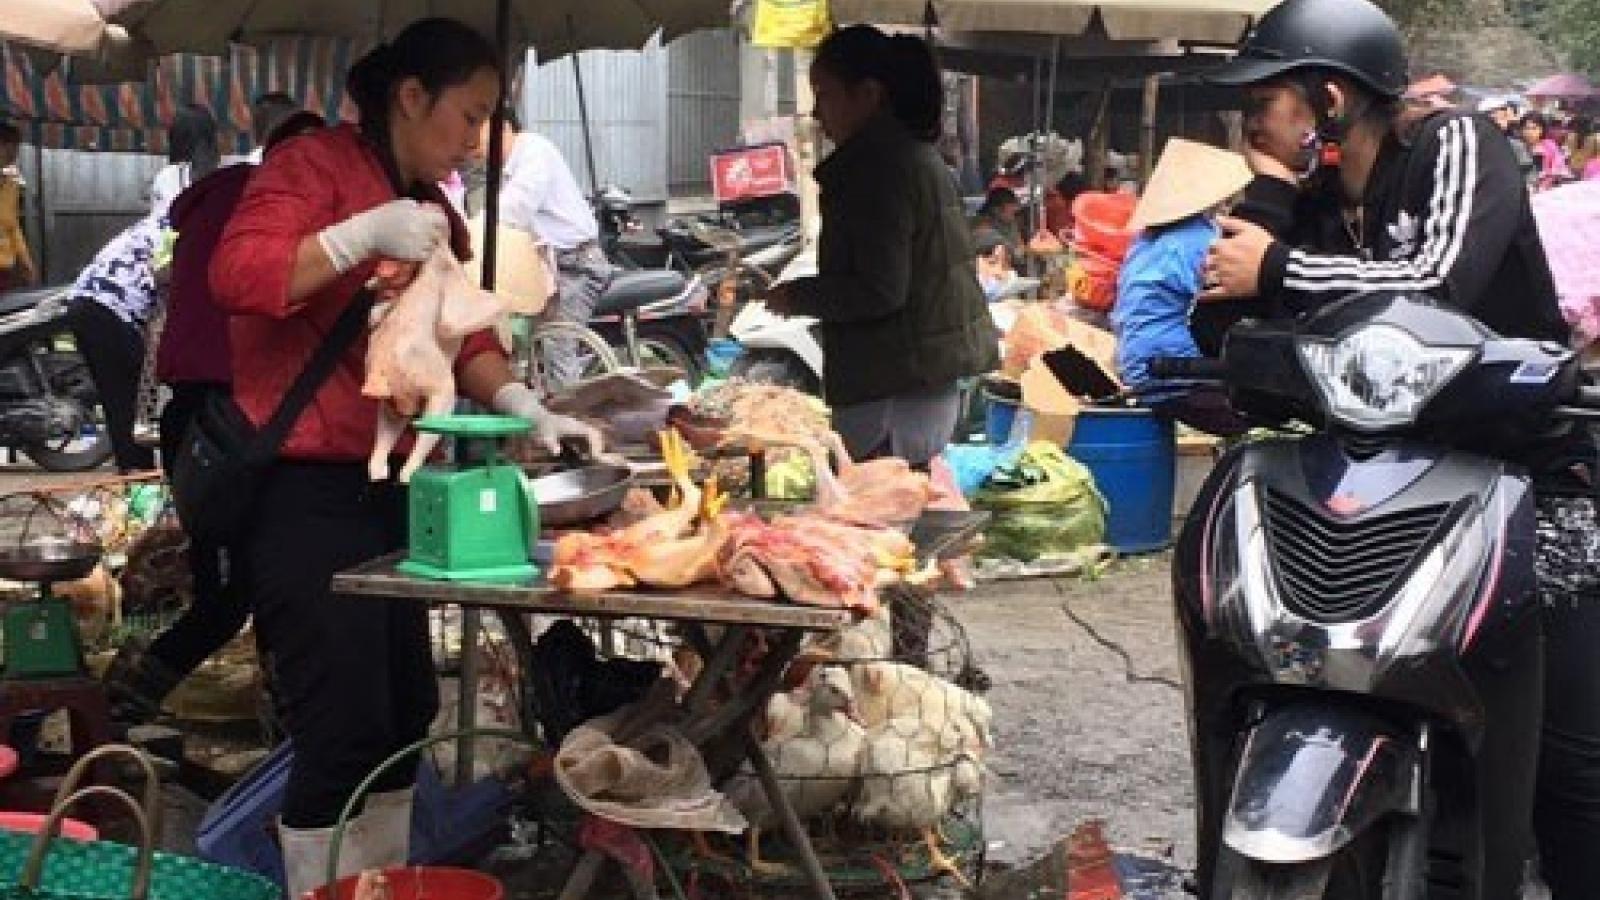 Bird flu outbreak casts pall over Tet